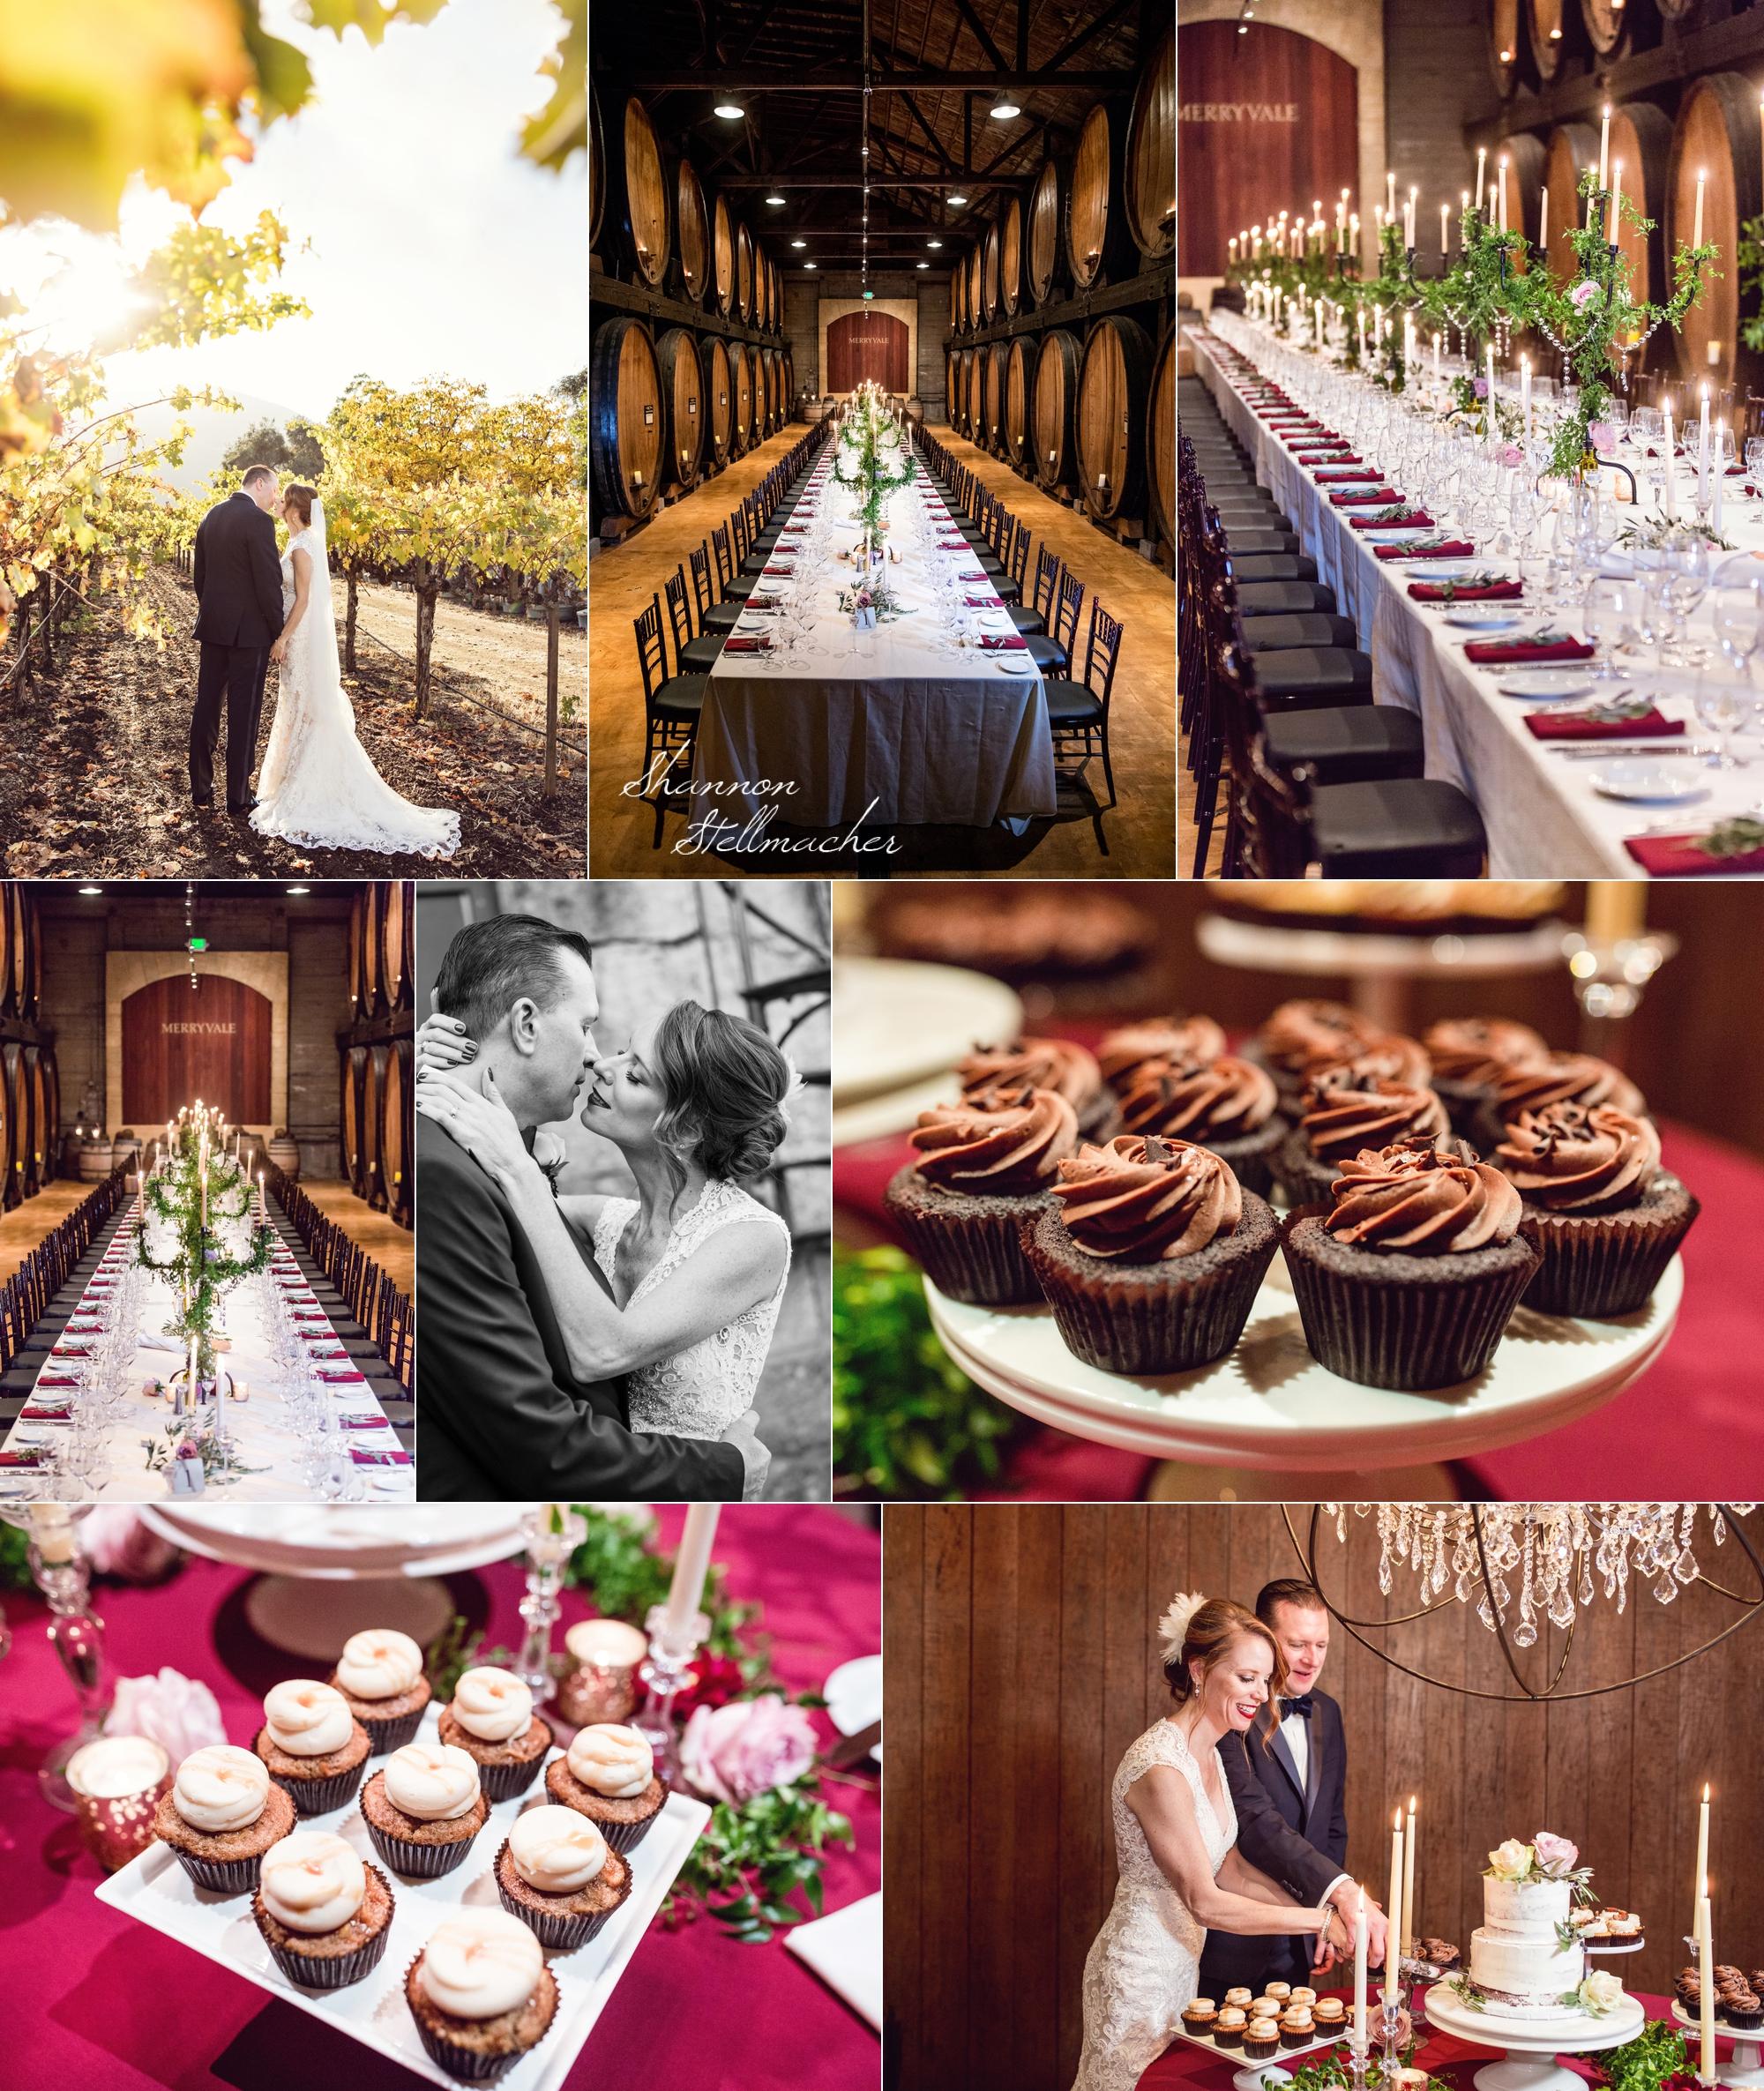 Merryvale Winery Wedding 3.jpg